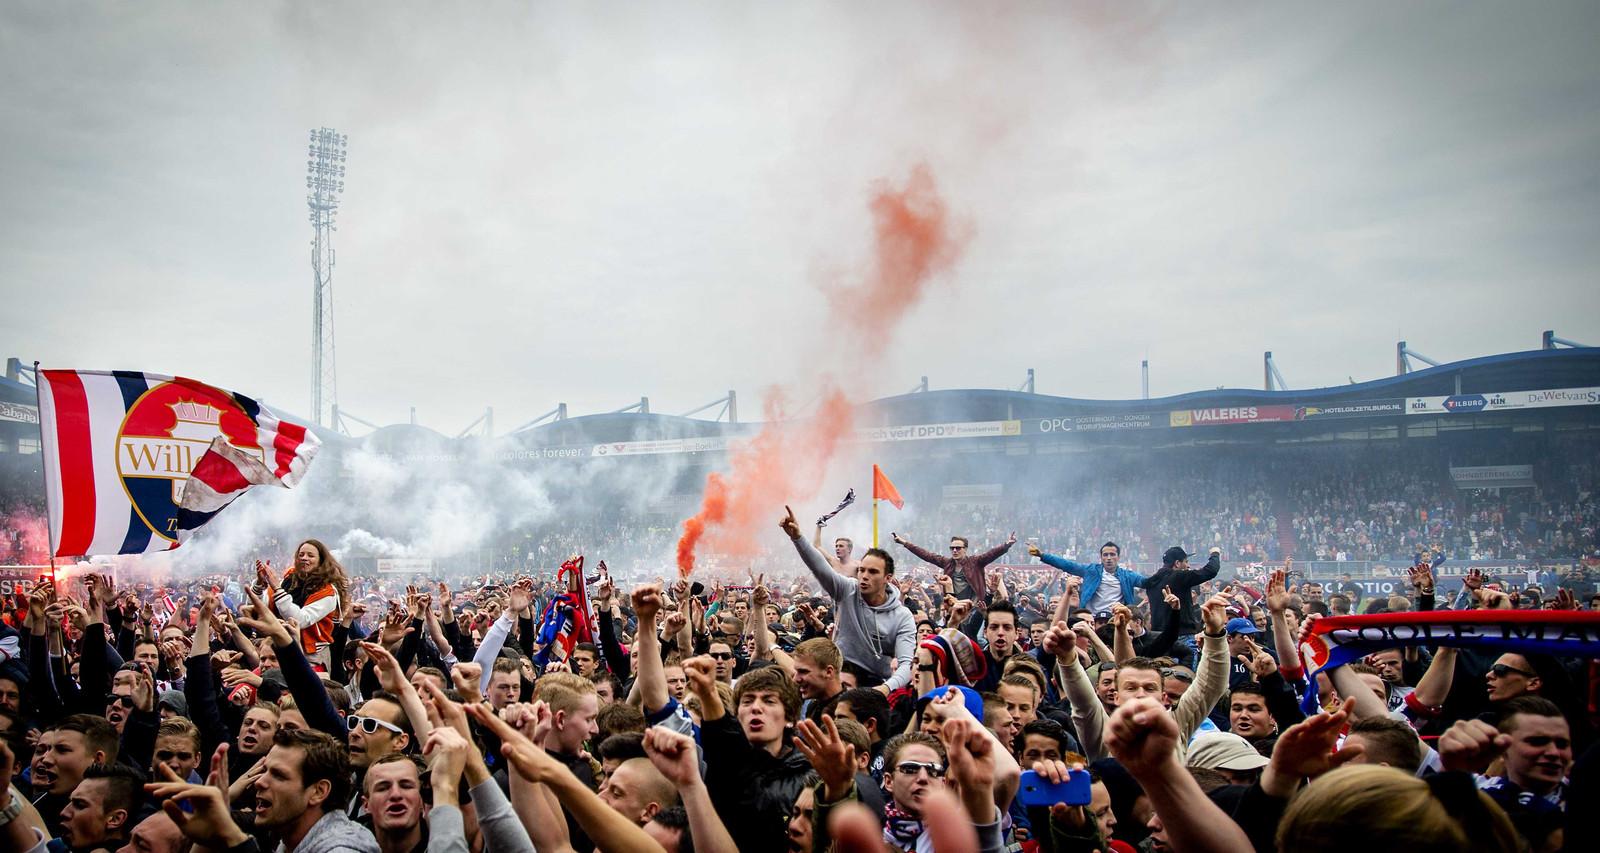 Fans van Willem II stroomden het veld op na de laatste promotie van de club naar de eredivisie.